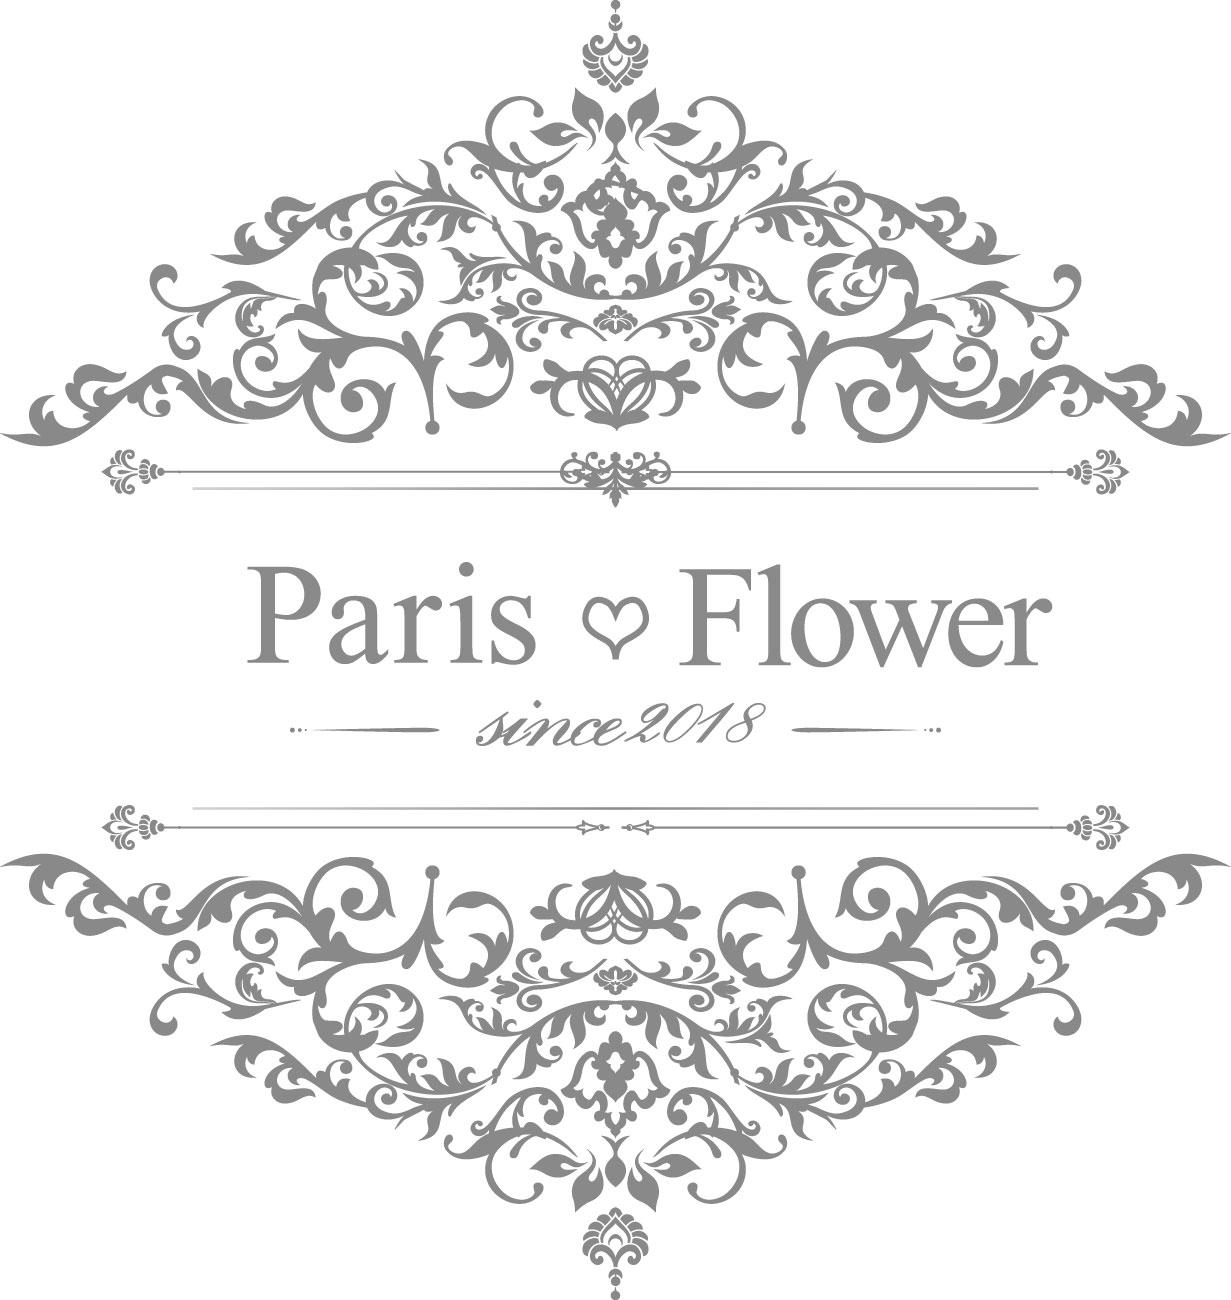 Paris♡flower